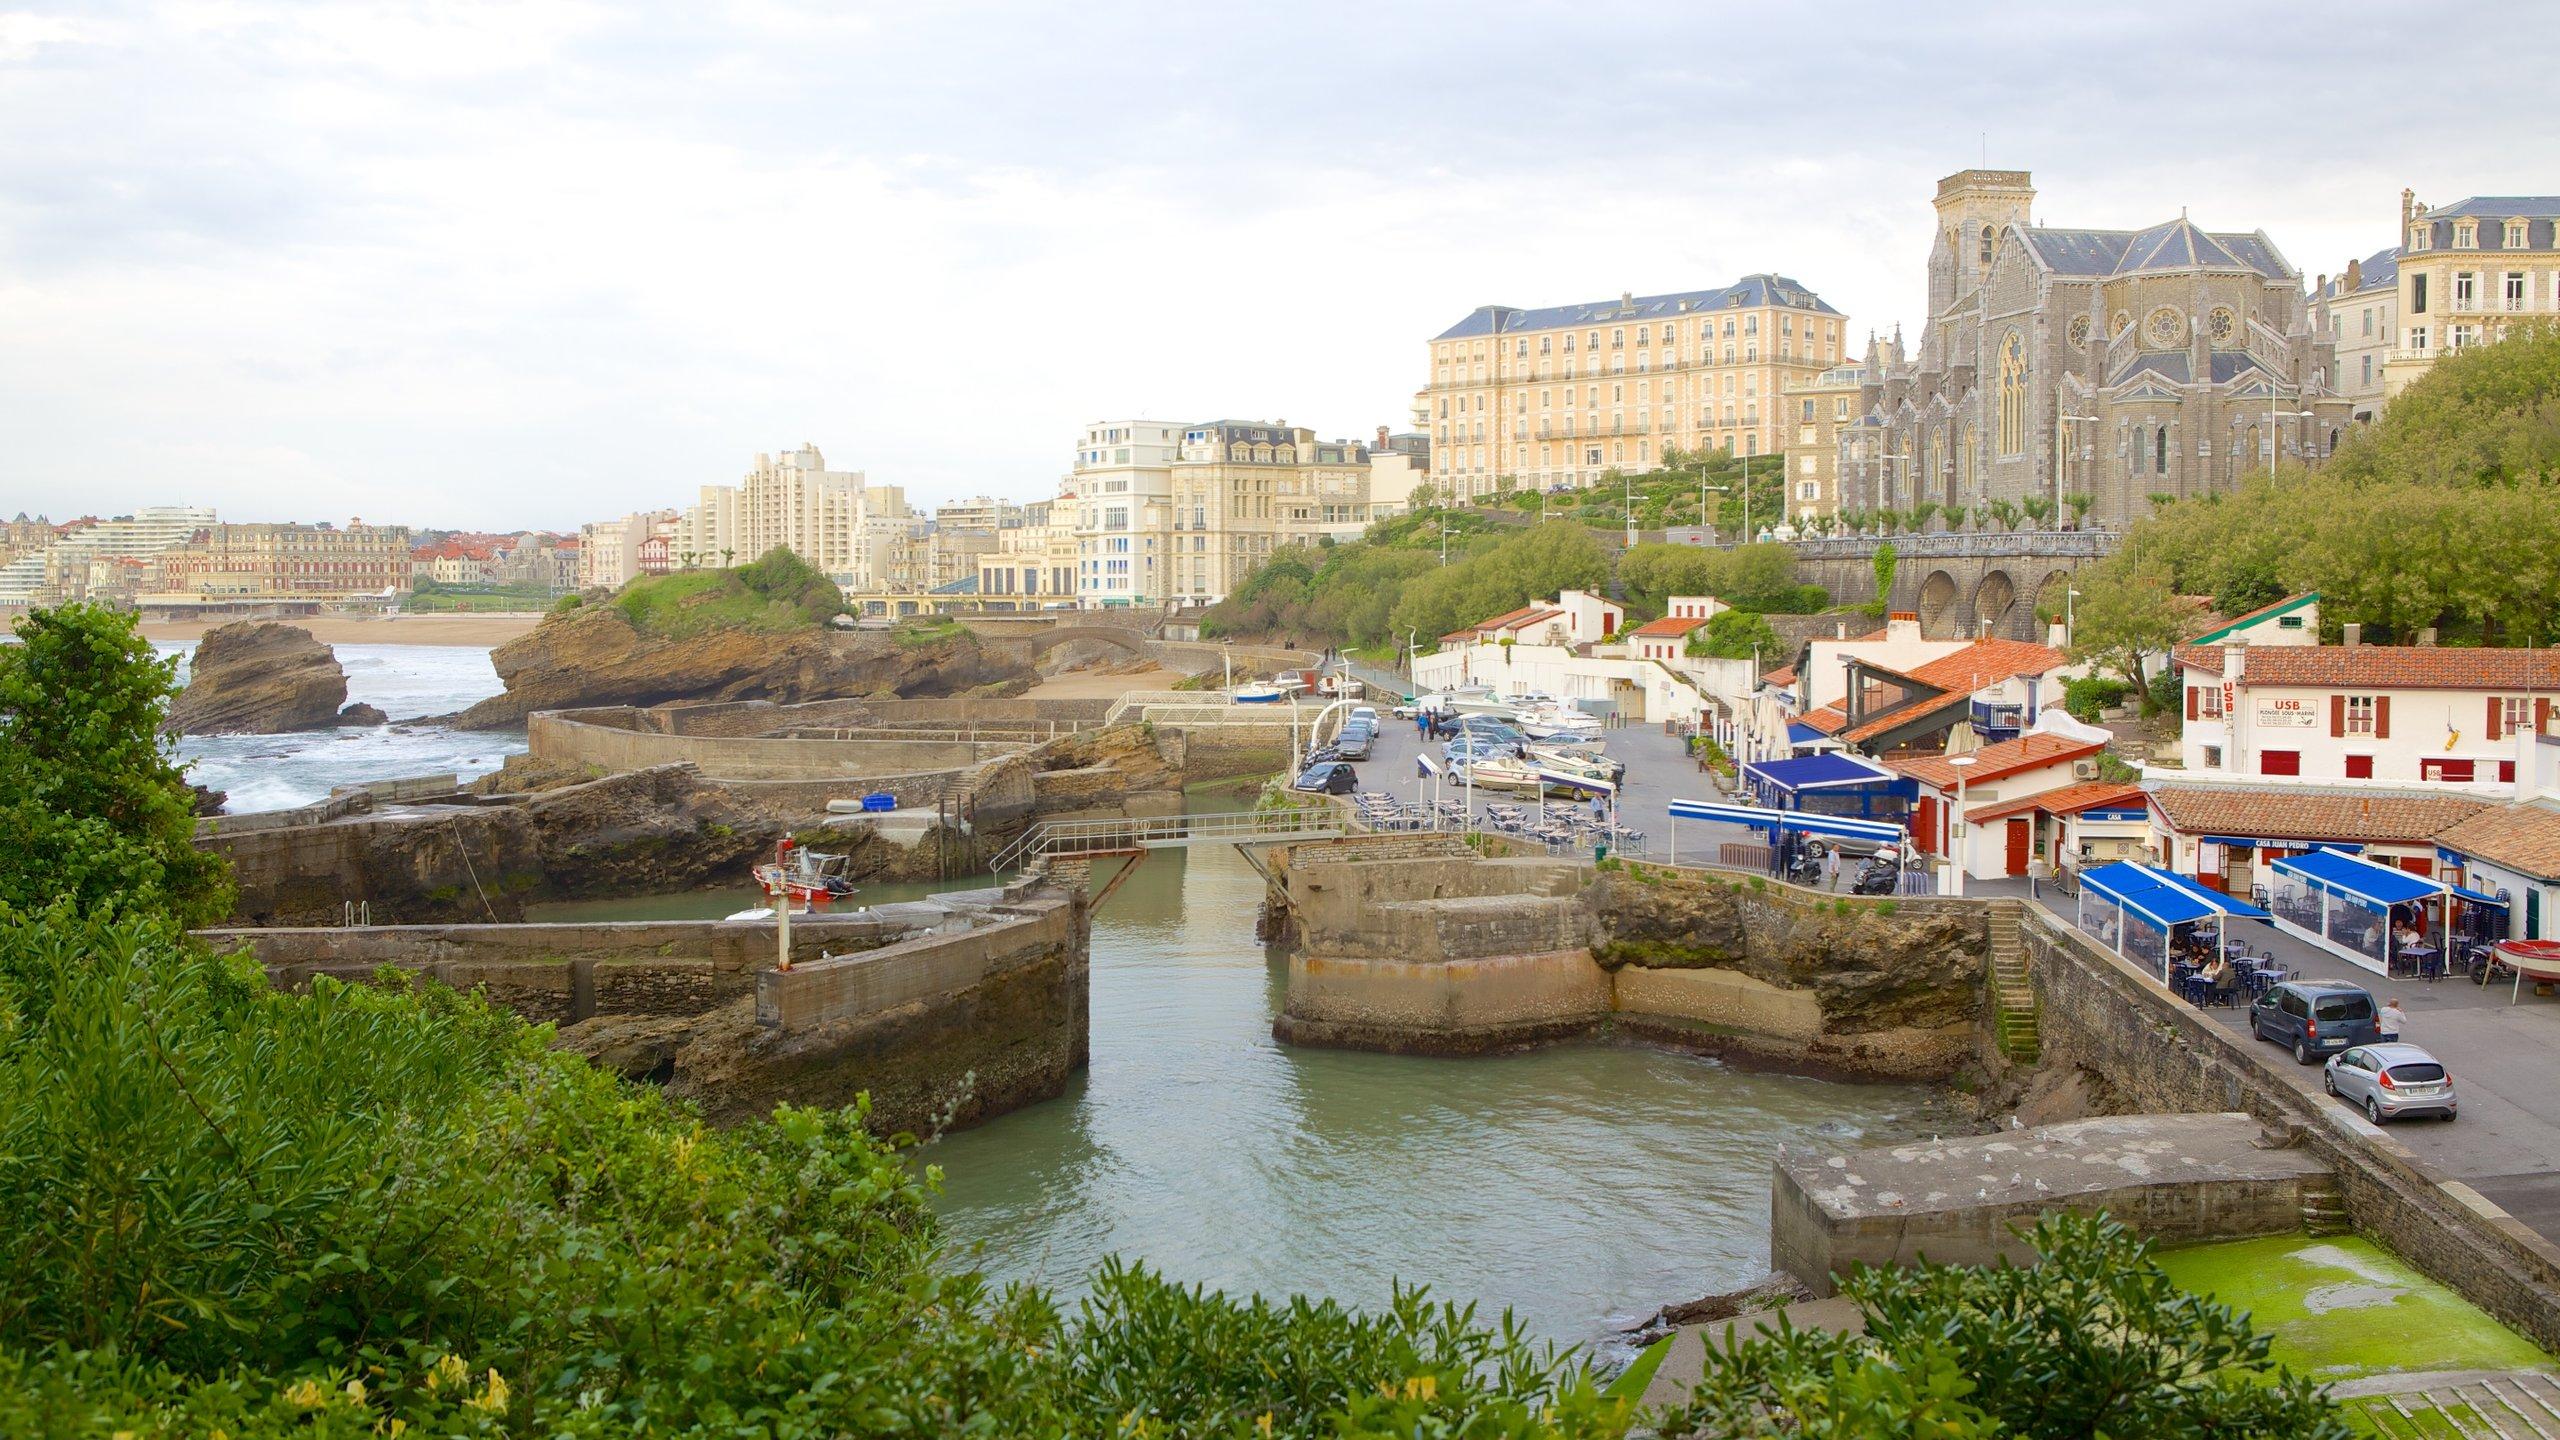 Biarritz City Centre, Biarritz, Pyrenees-Atlantiques, France